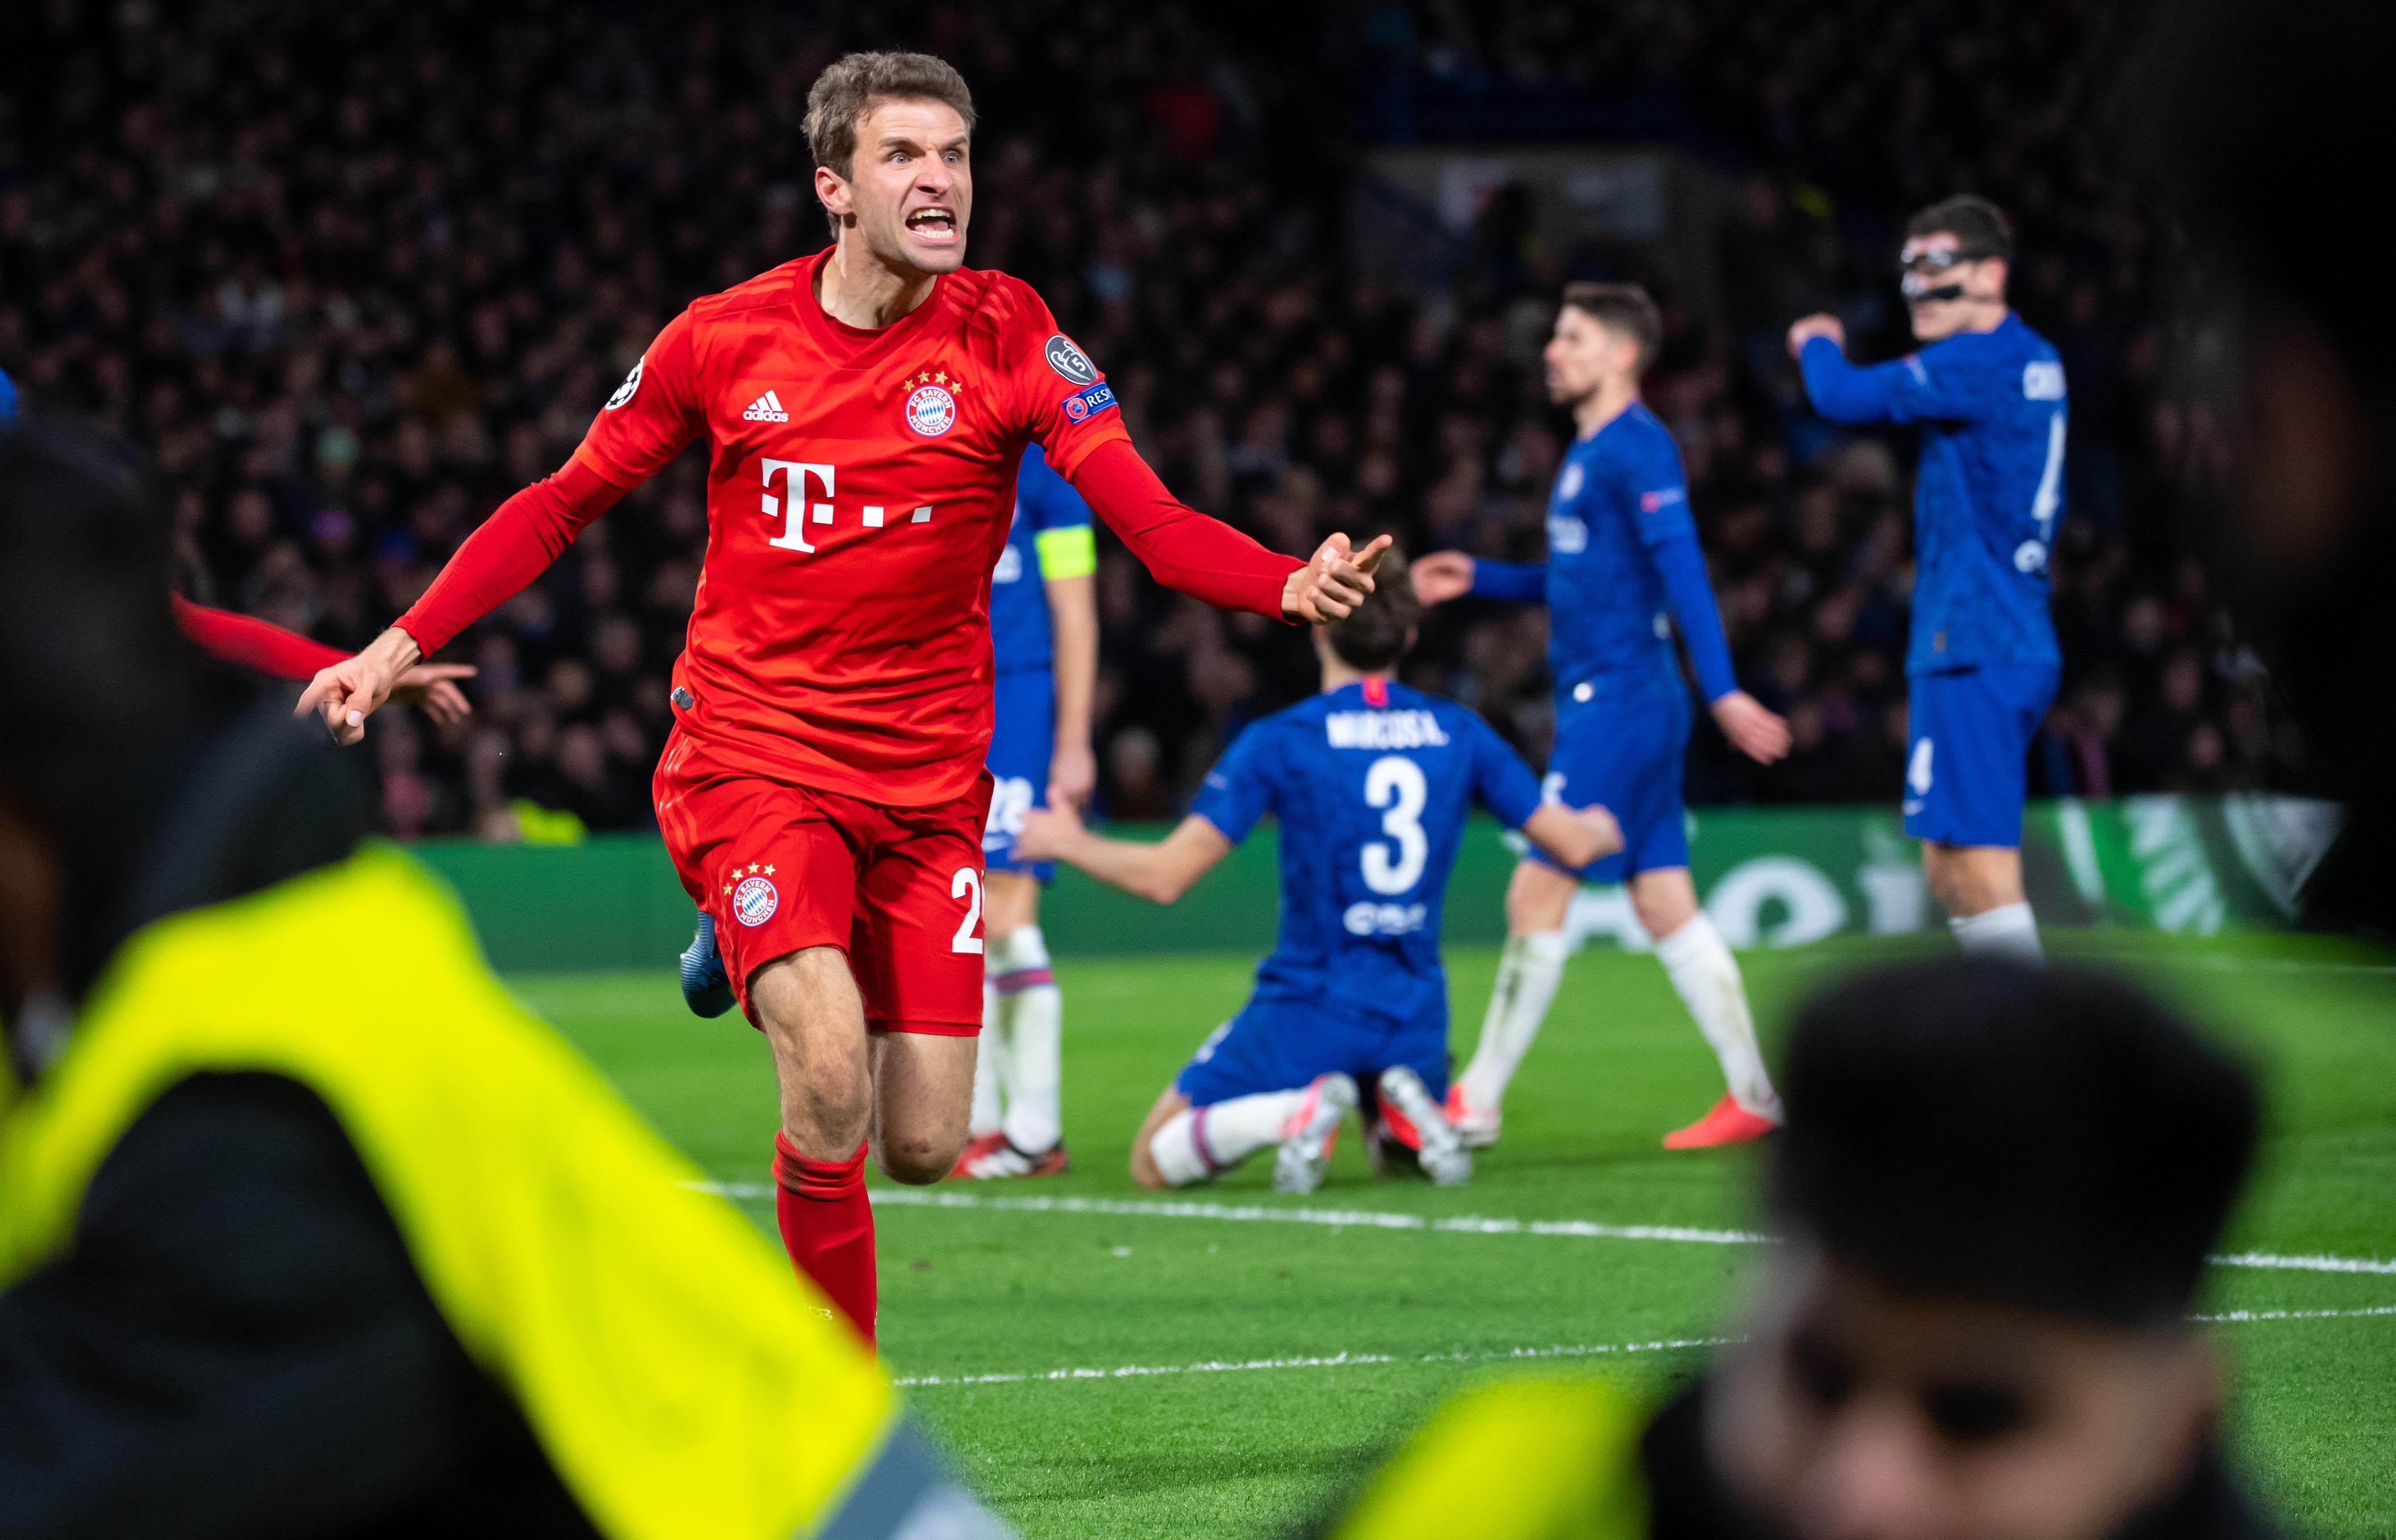 Der FC Bayern München gewann sein Achtelfinal-Hinspiel mit 3:0.